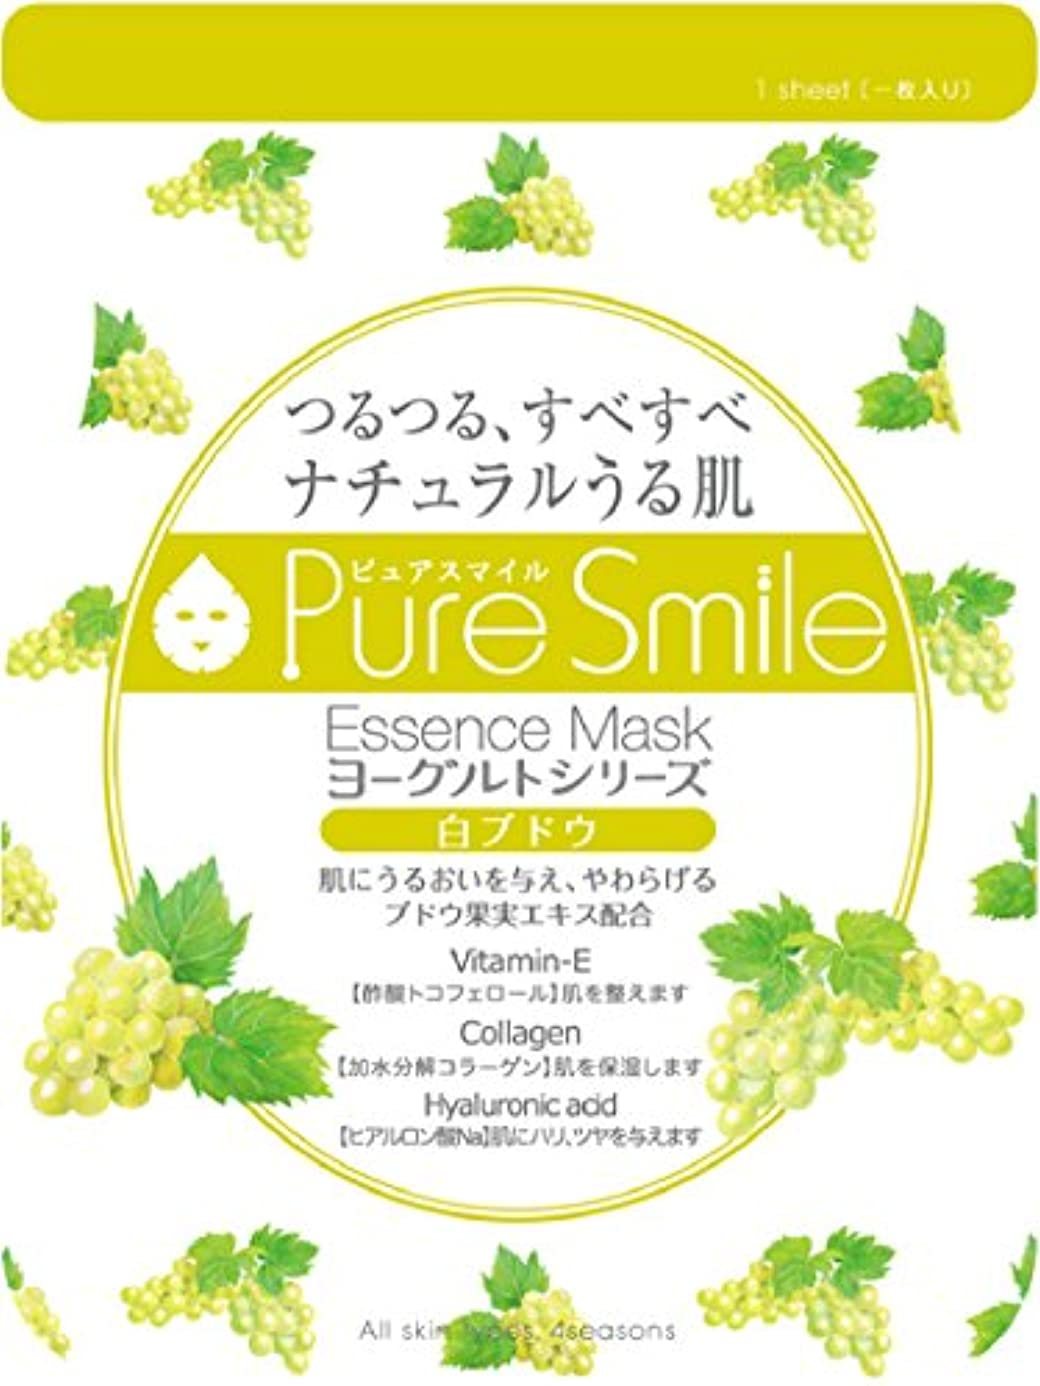 くびれたクリーナーたくさんPure Smile エッセンスマスク ヨーグルトシリーズ 白ブドウ 23ml?30枚